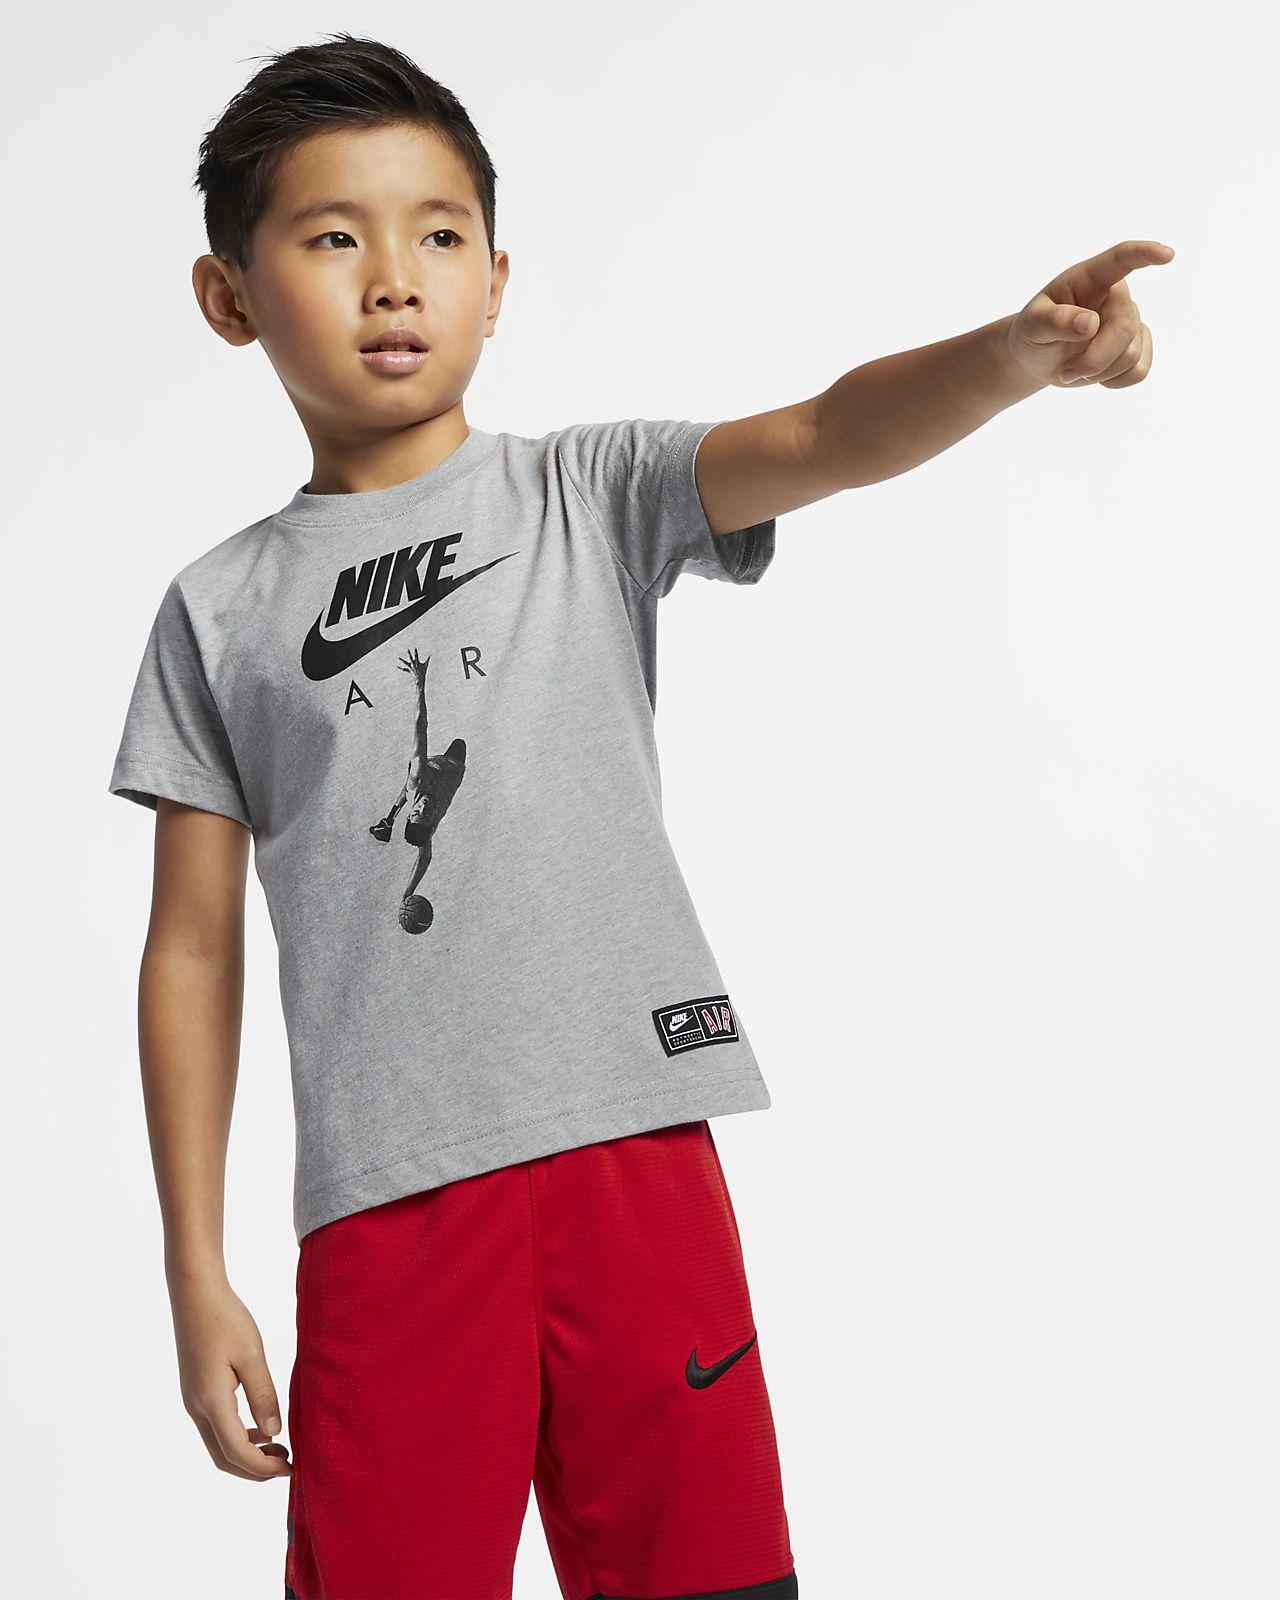 bef1ba36 Nike Little Kids' T-Shirt